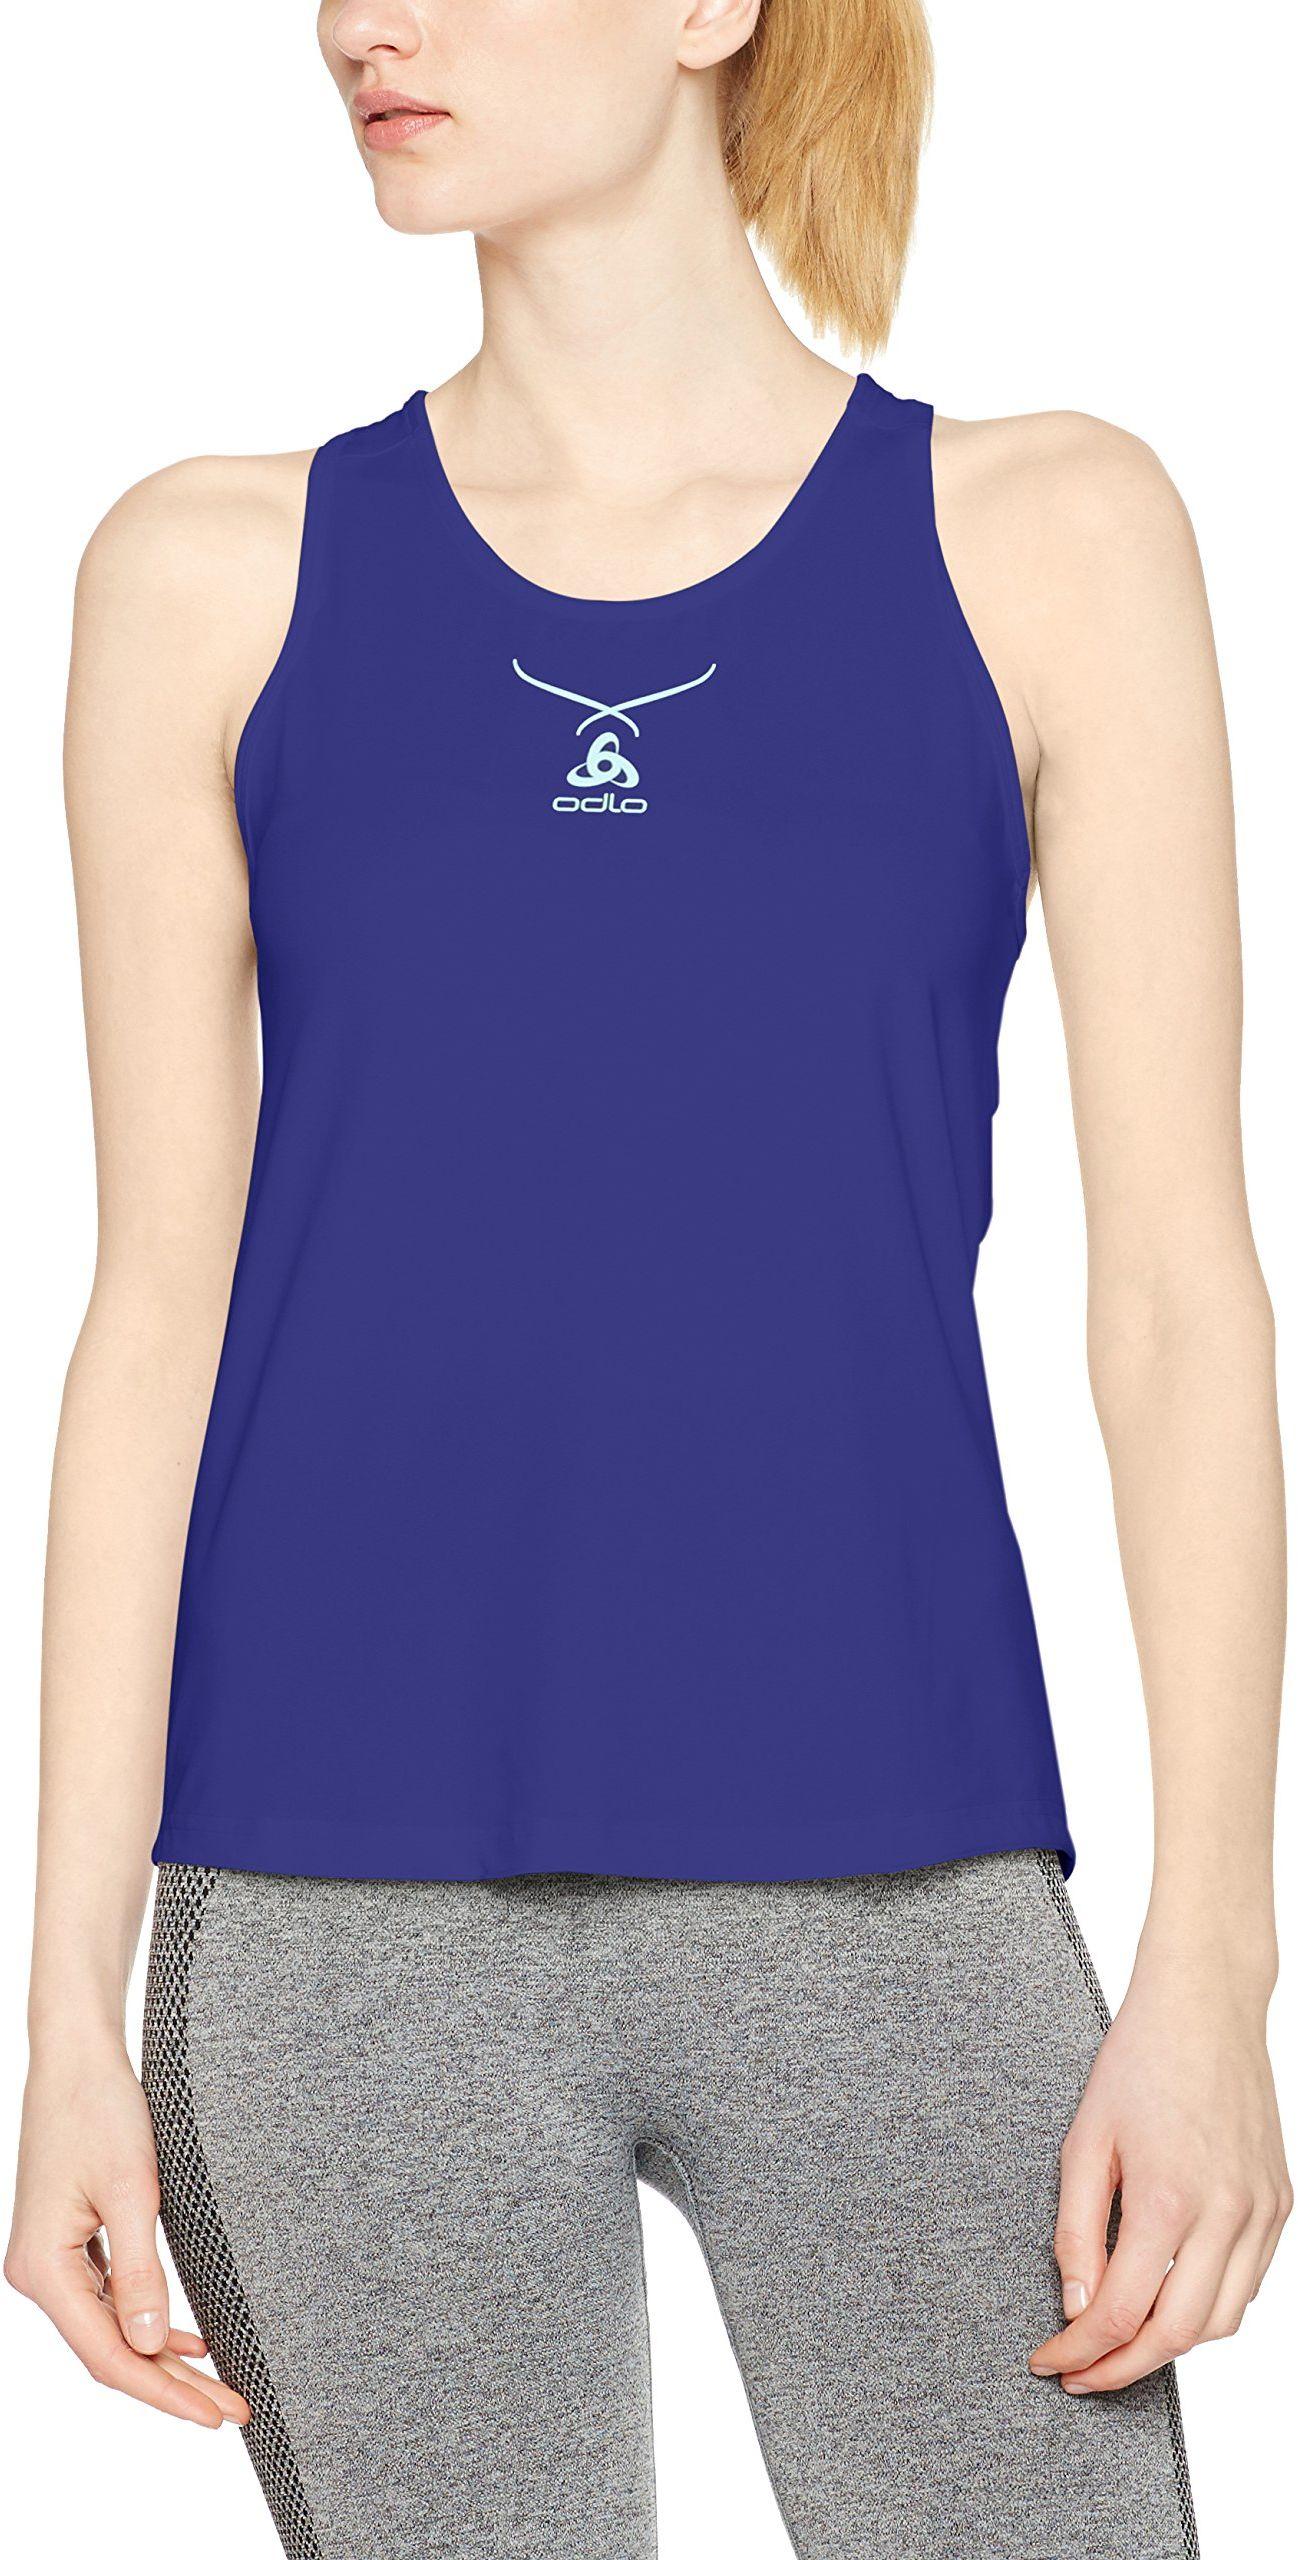 Odlo damska koszulka Singlet Crew z okrągłym kołnierzem, kolor: niebieski/niebieski